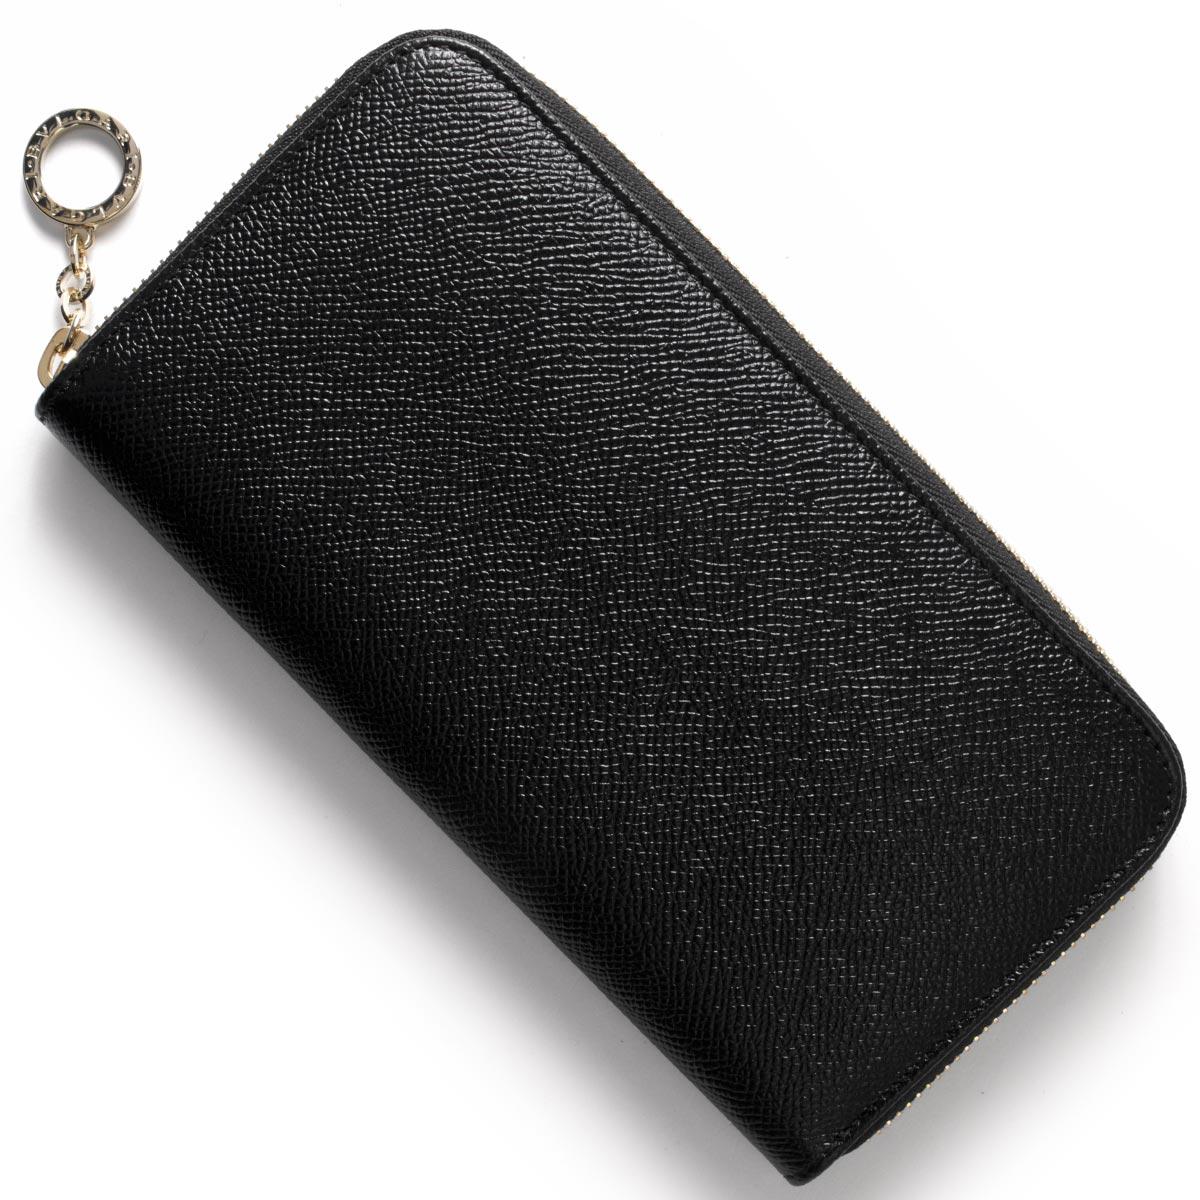 ブルガリ 長財布 財布 メンズ レディース ブルガリブルガリ レザー ラウンドファスナー ブラック 280561 BVLGARI